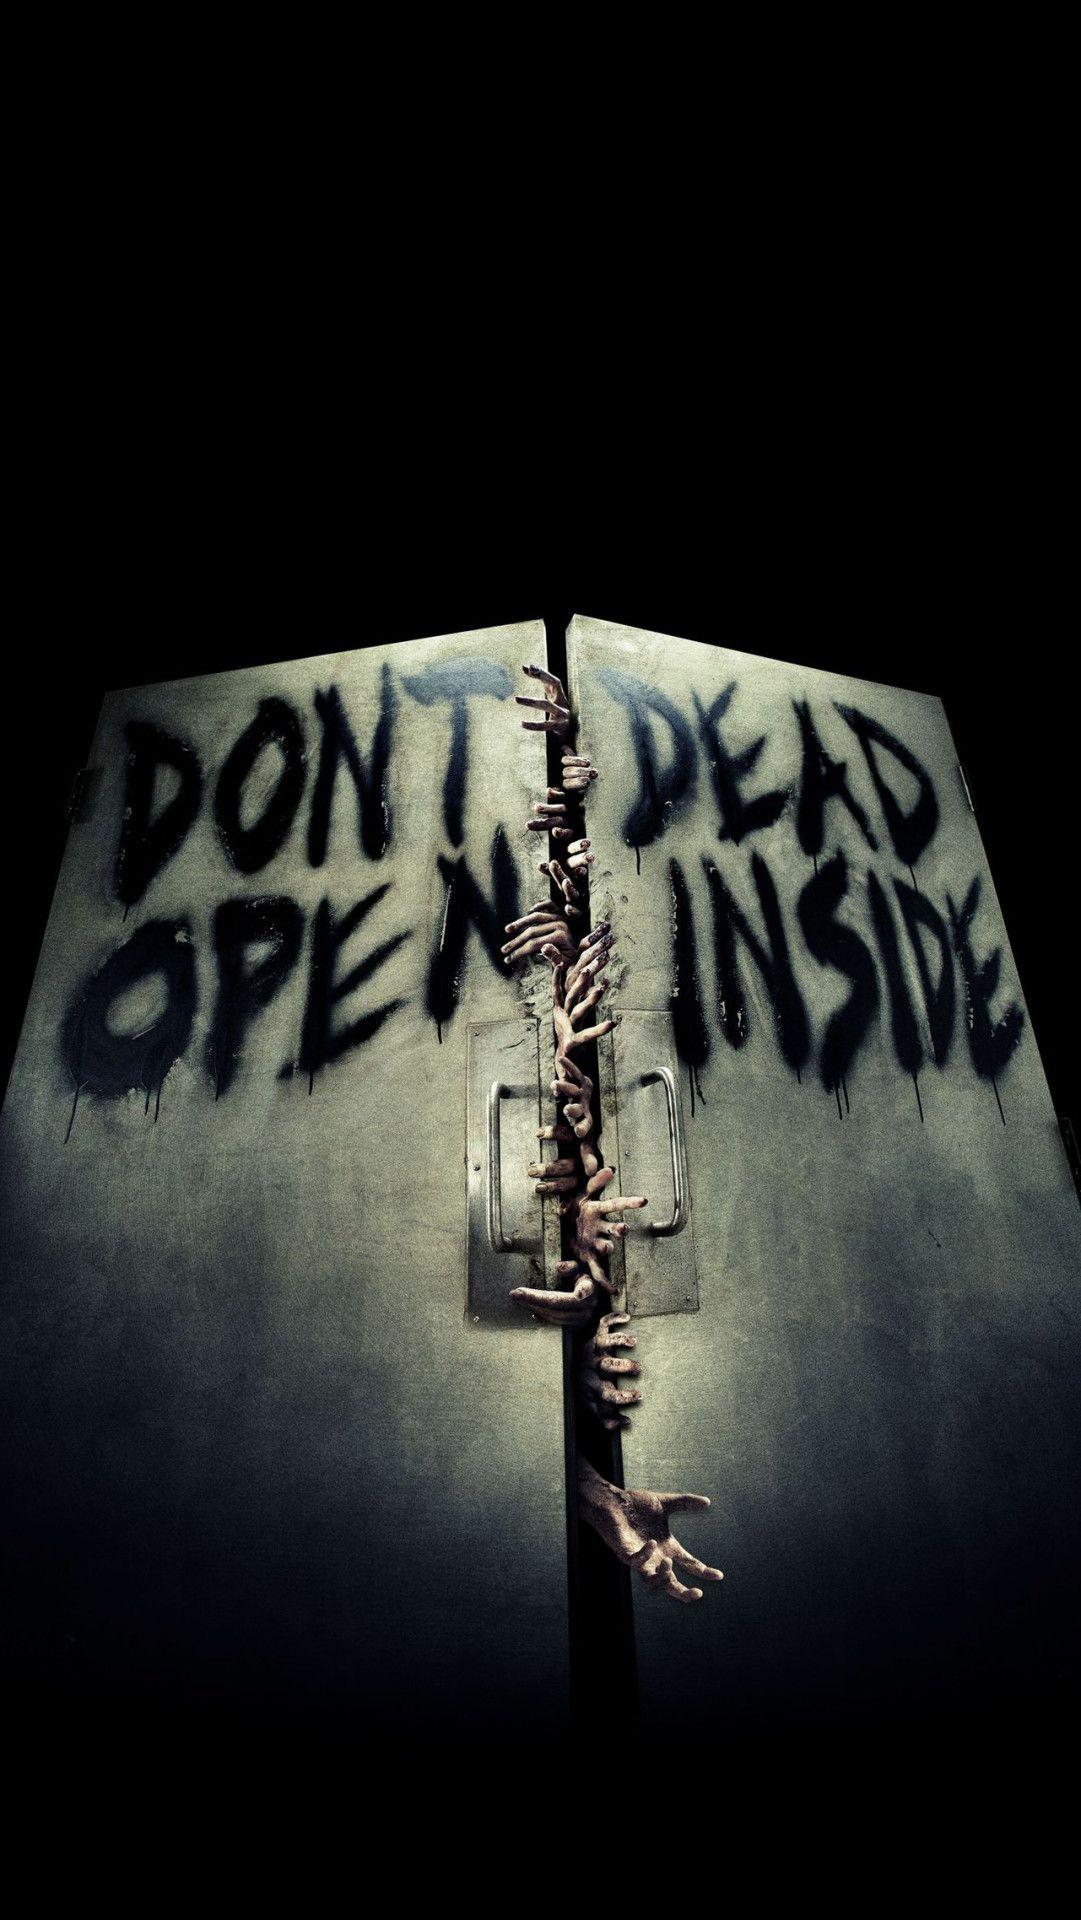 1920x1080 The Walking Dead Season 6 Wallpapers Digitalhint Net